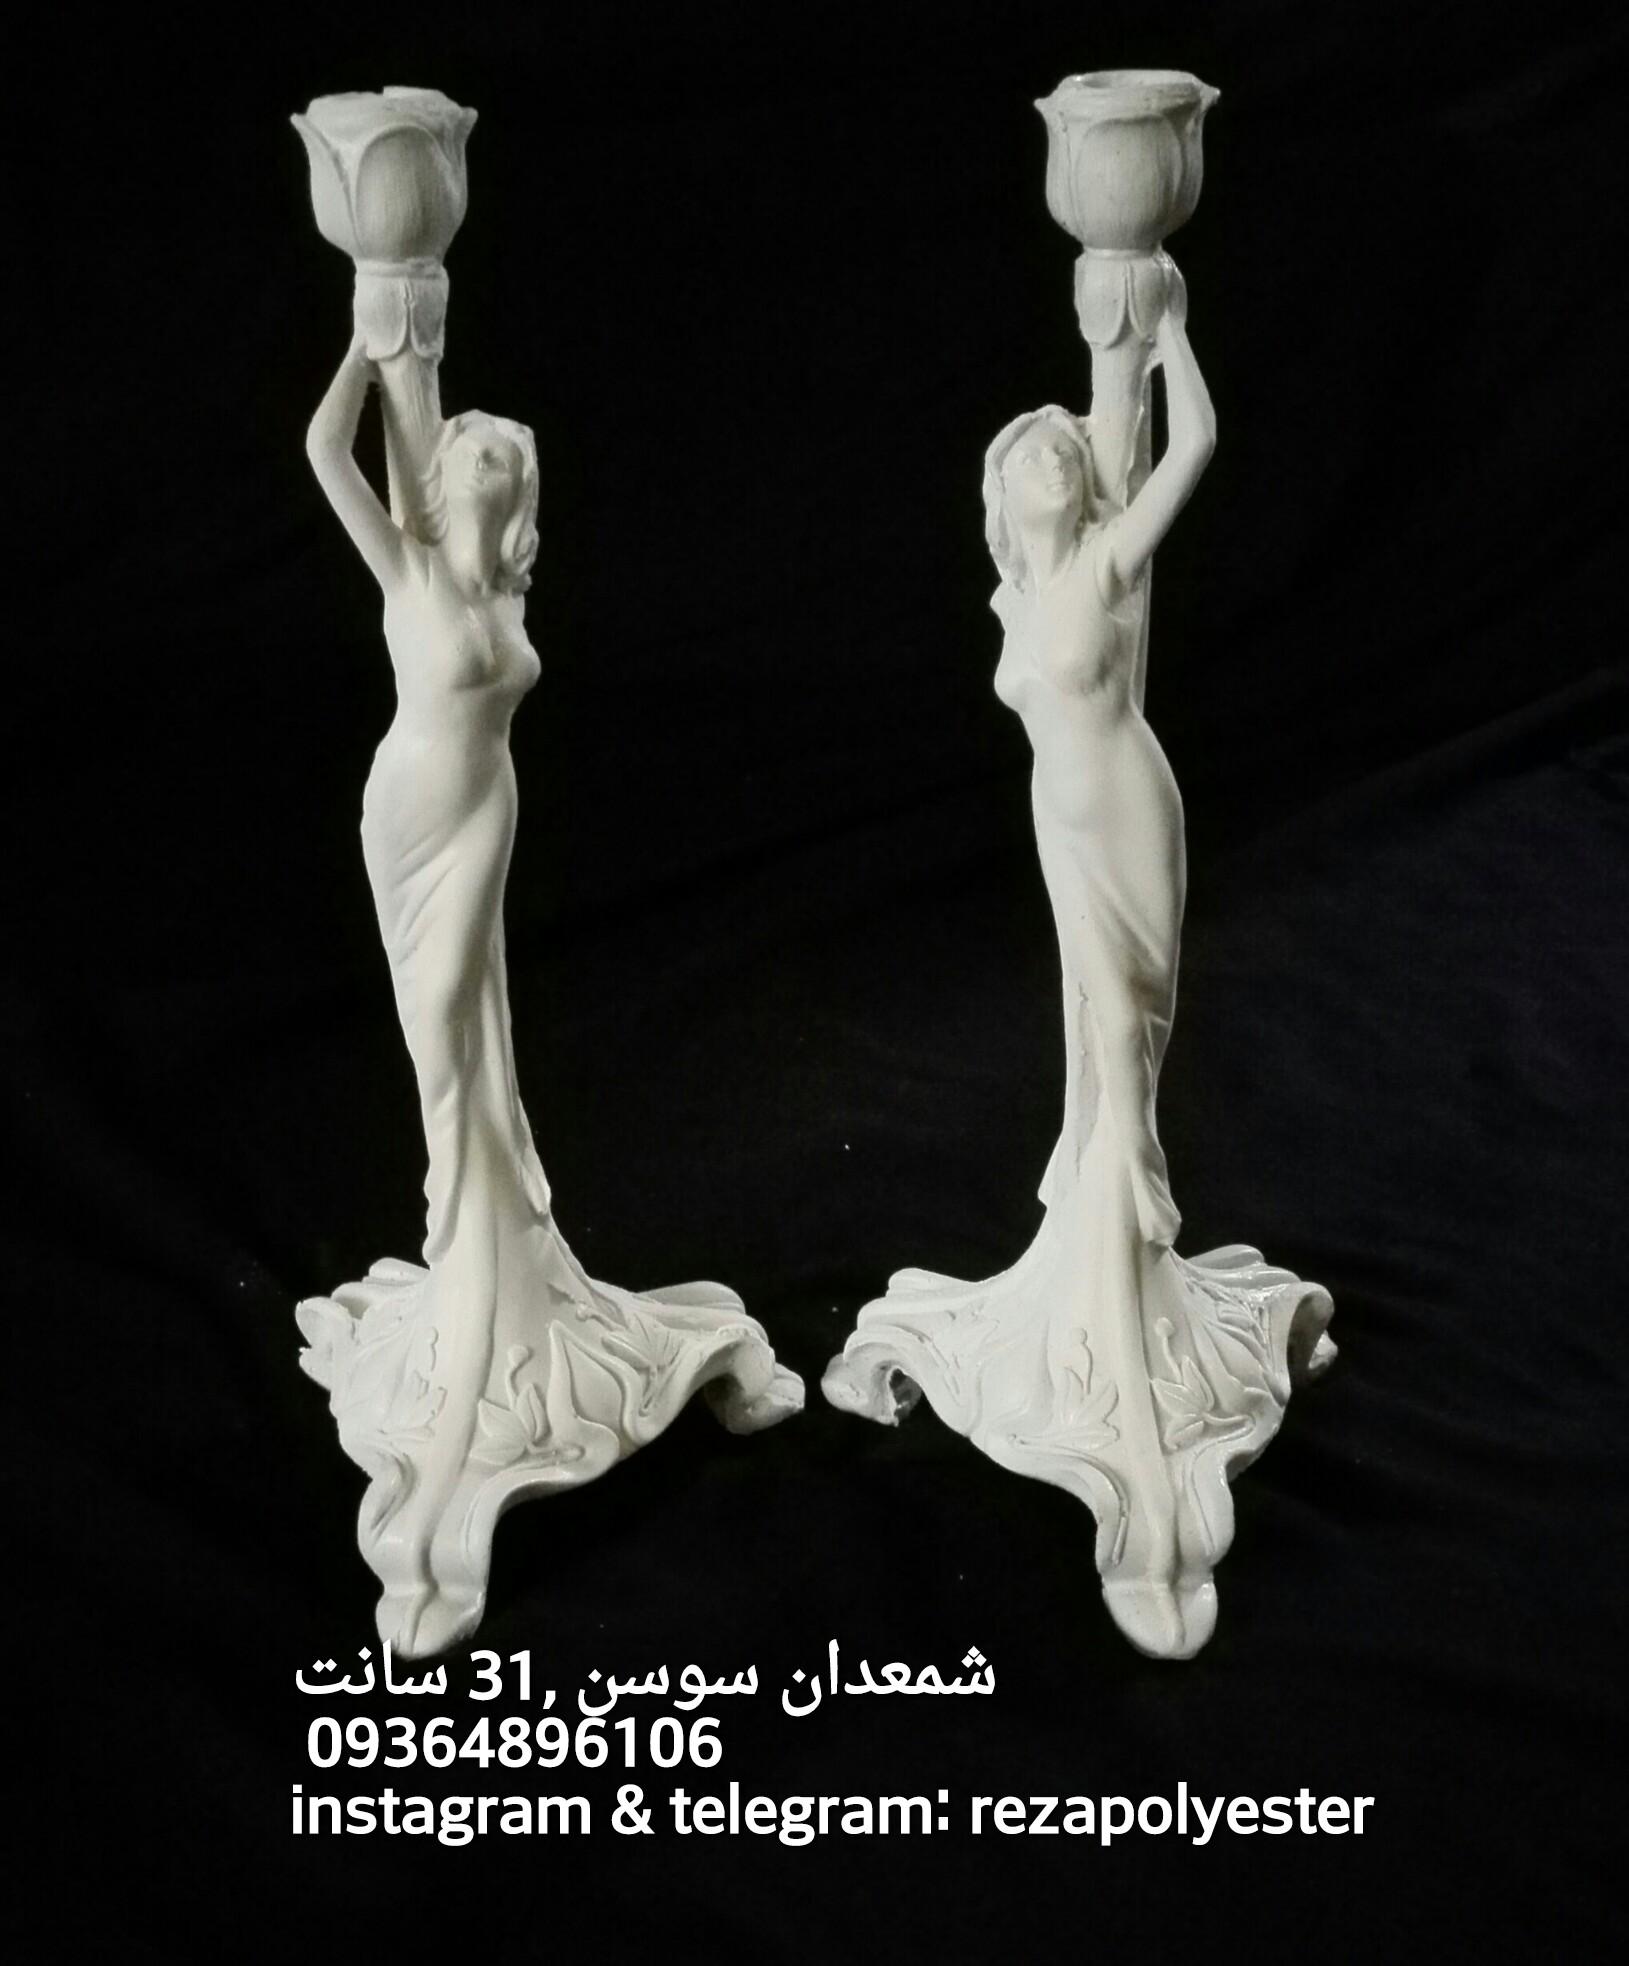 مجسمه شمعدان سوسن